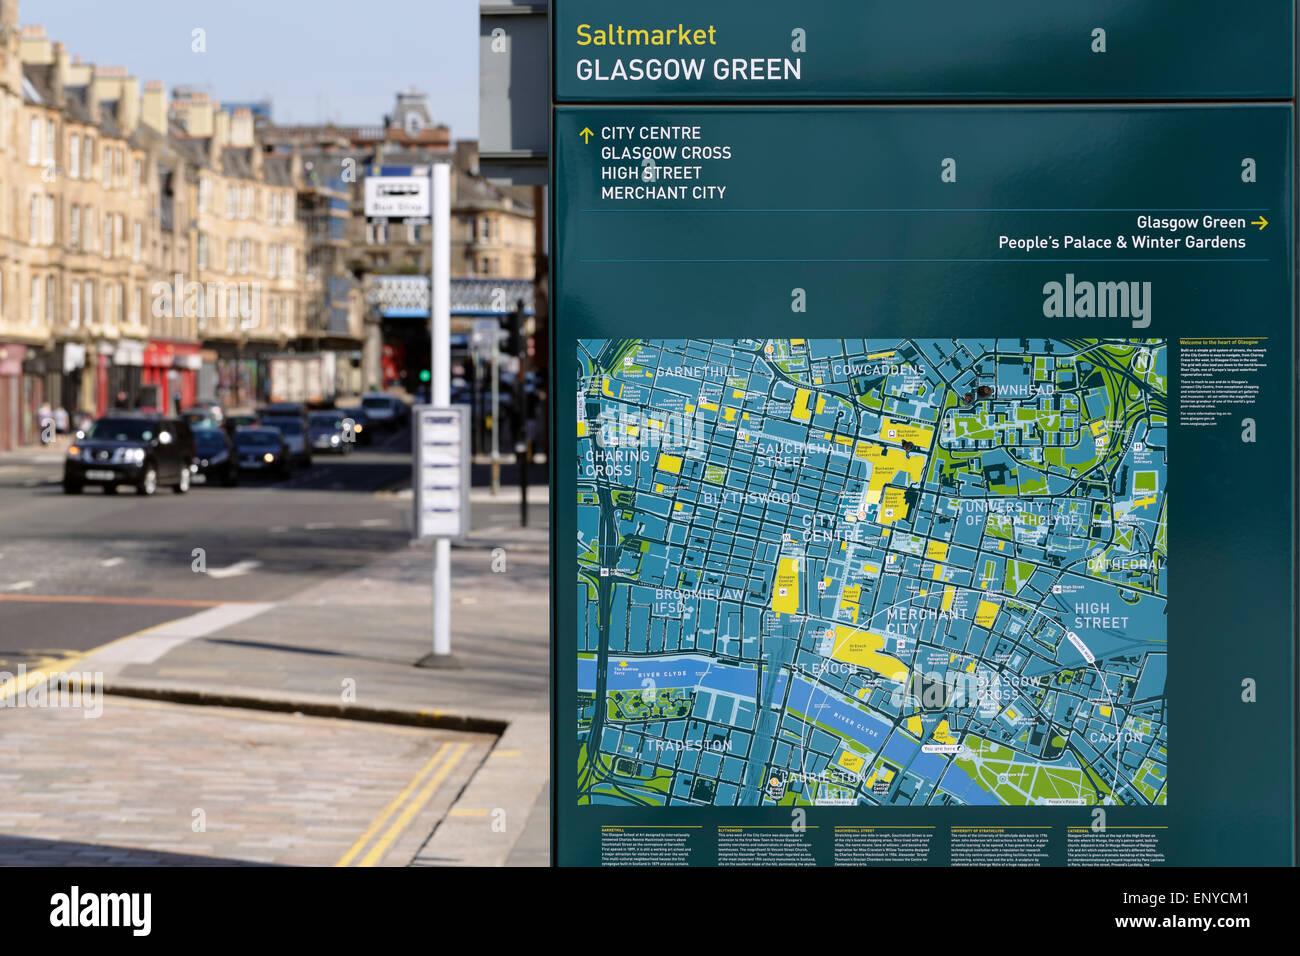 Uk maps stock photos uk maps stock images alamy a street map in glasgow scotland uk stock image freerunsca Choice Image